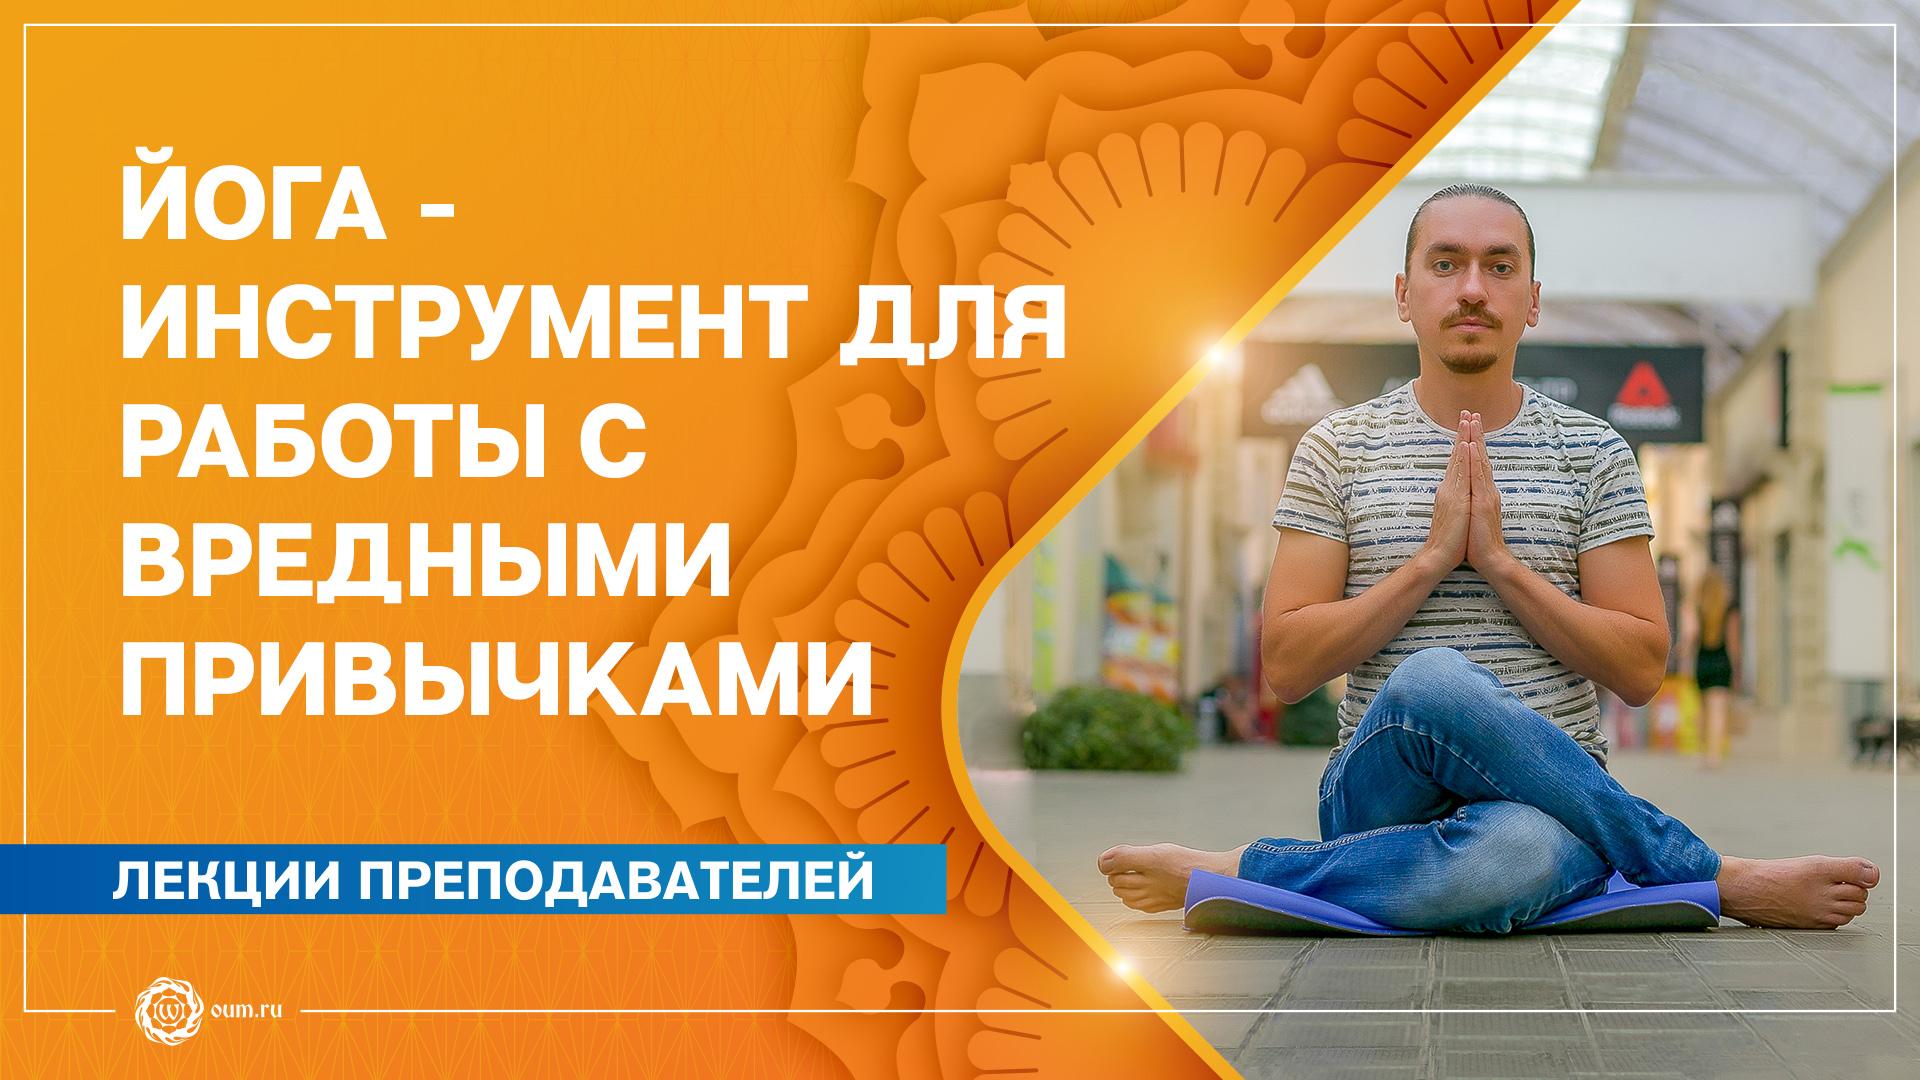 Йога - инструмент для работы с вредными привычками. Как преодолеть зависимости при помощи йоги. Александр Назаренко